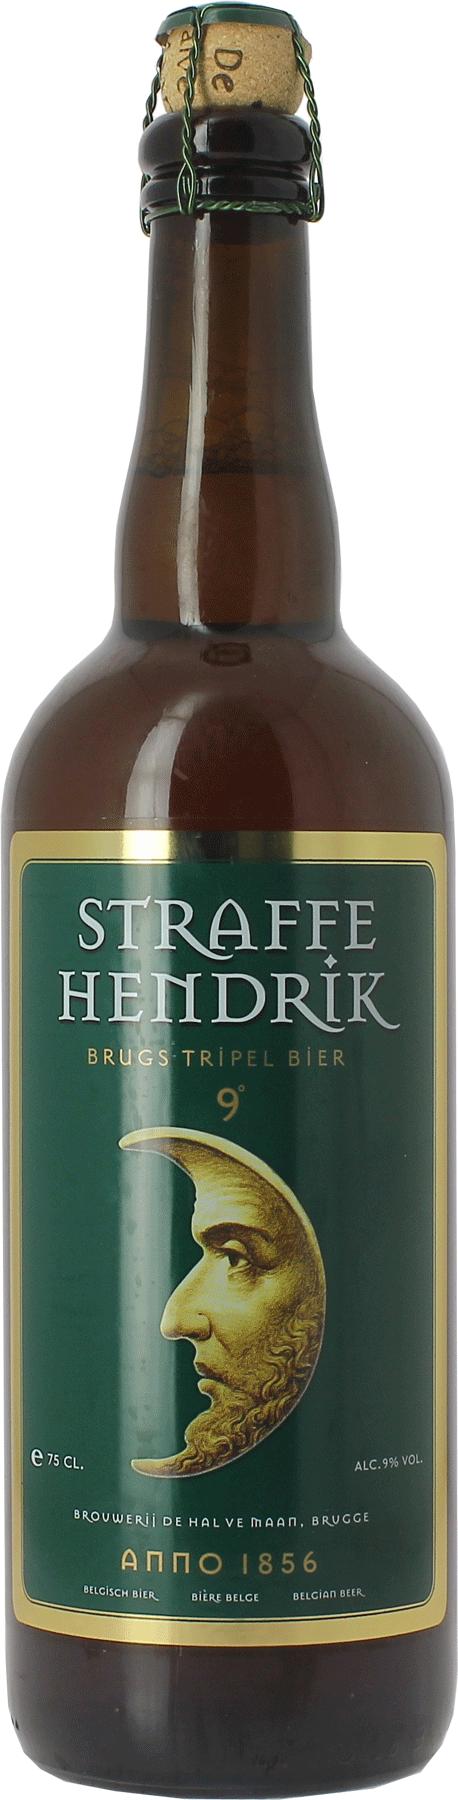 Straffe Hendrik Triple 75 cL